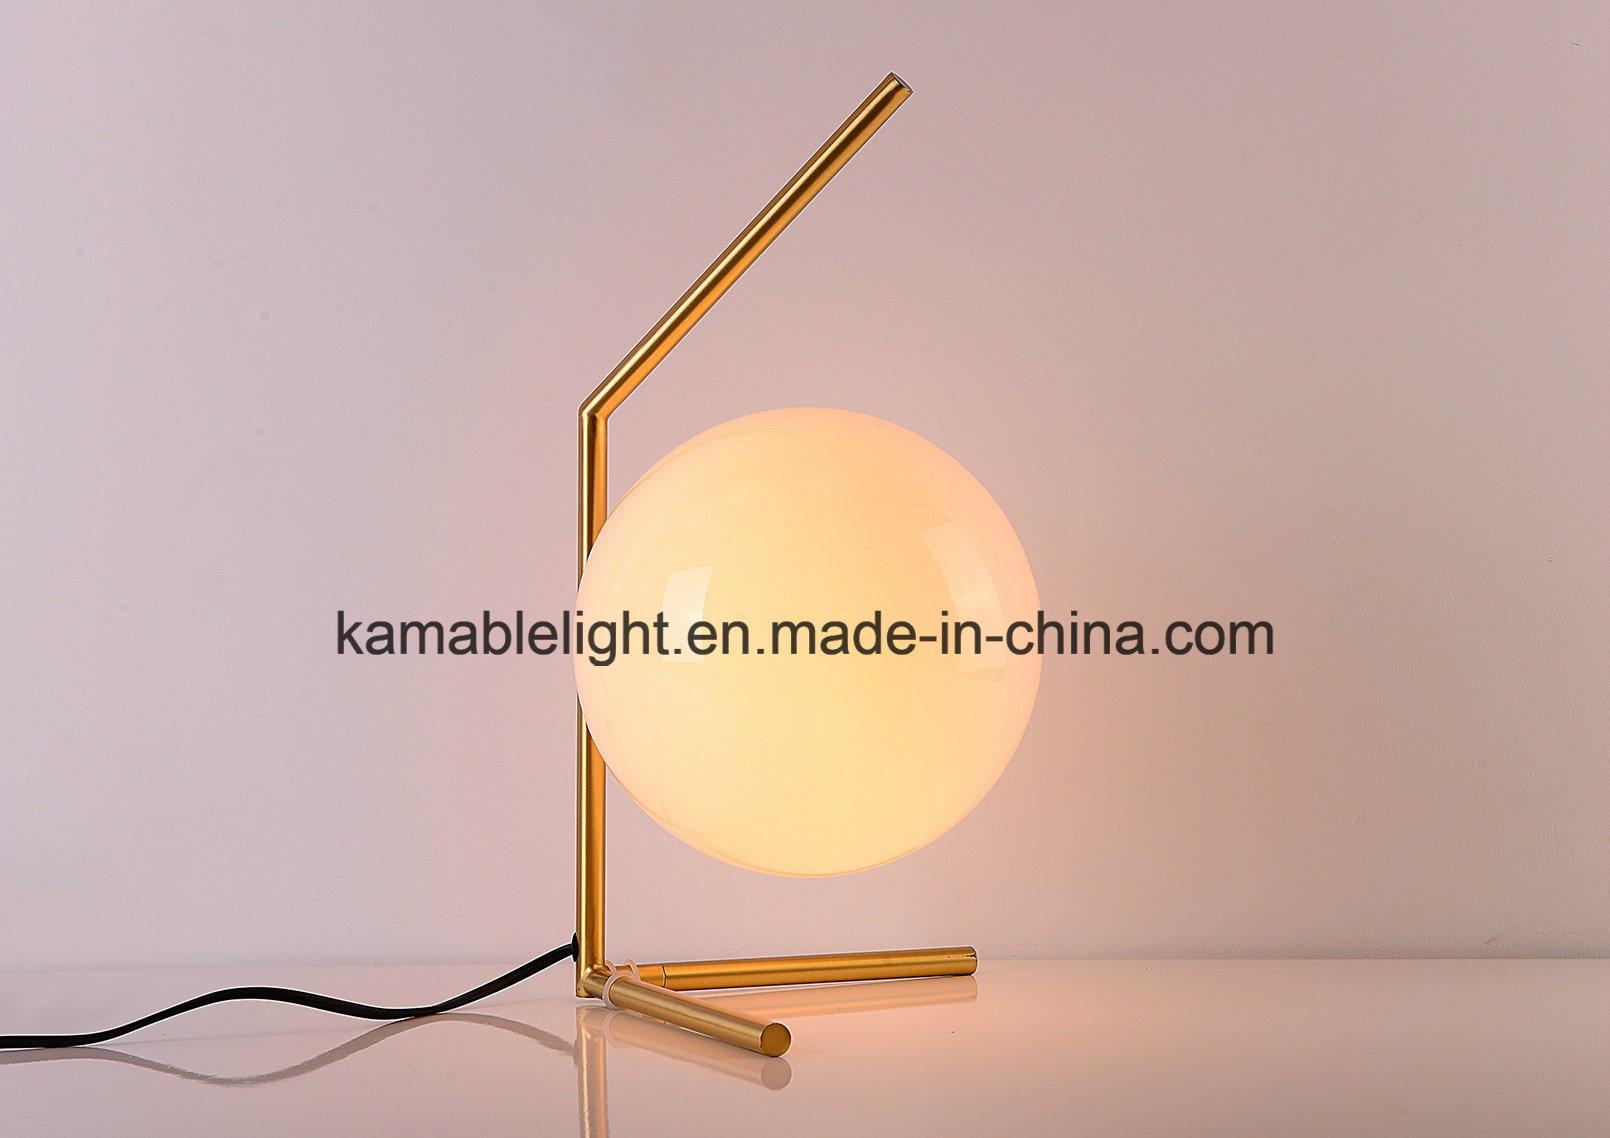 Newest Modern Design Ball Desk Lamp (KAMT8108-1B-200)